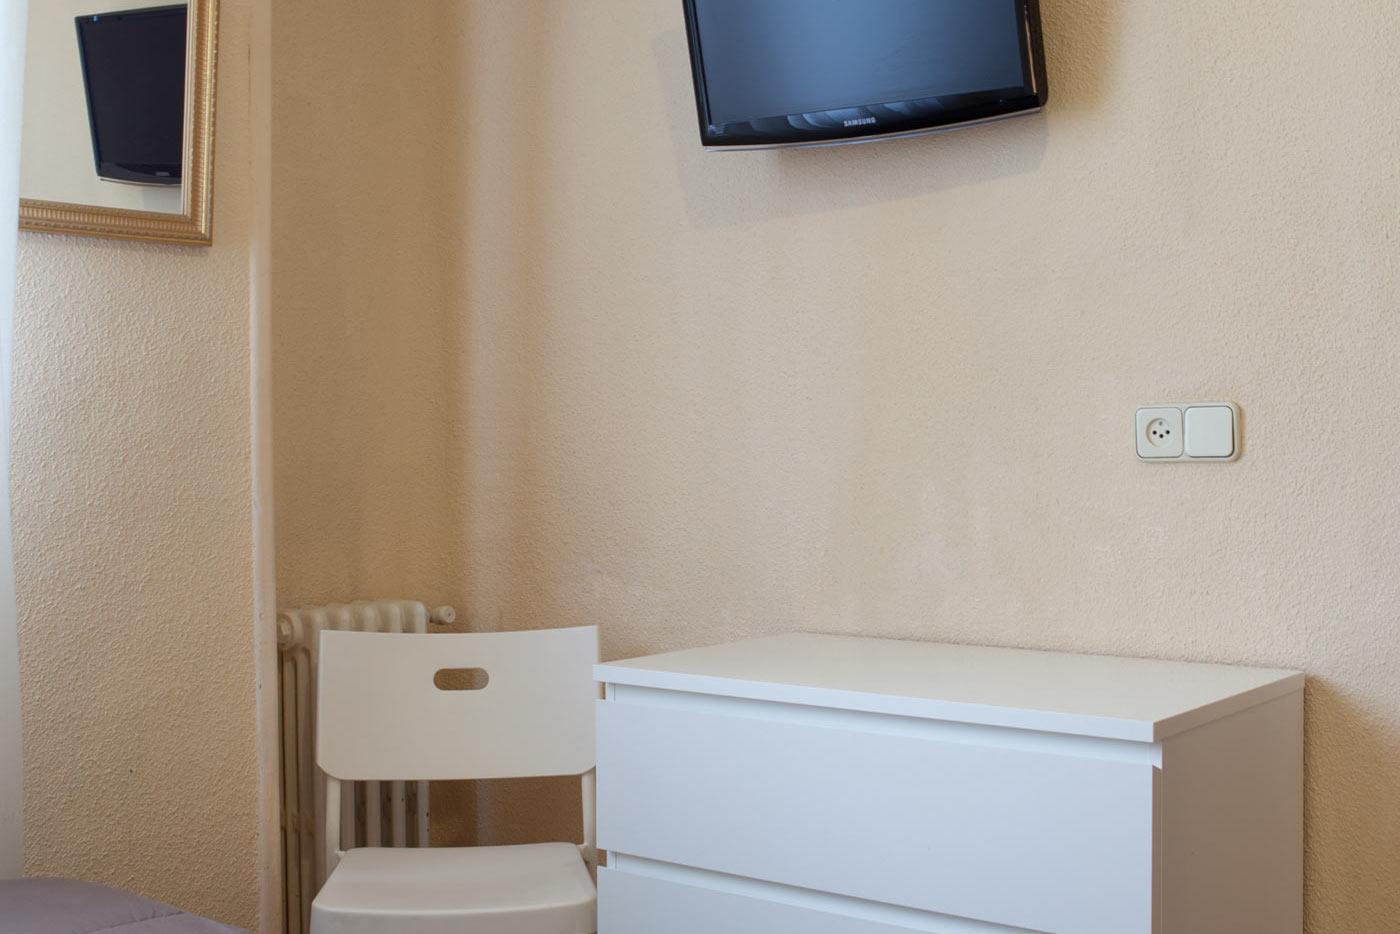 habitaciones_galeria_individual02_0